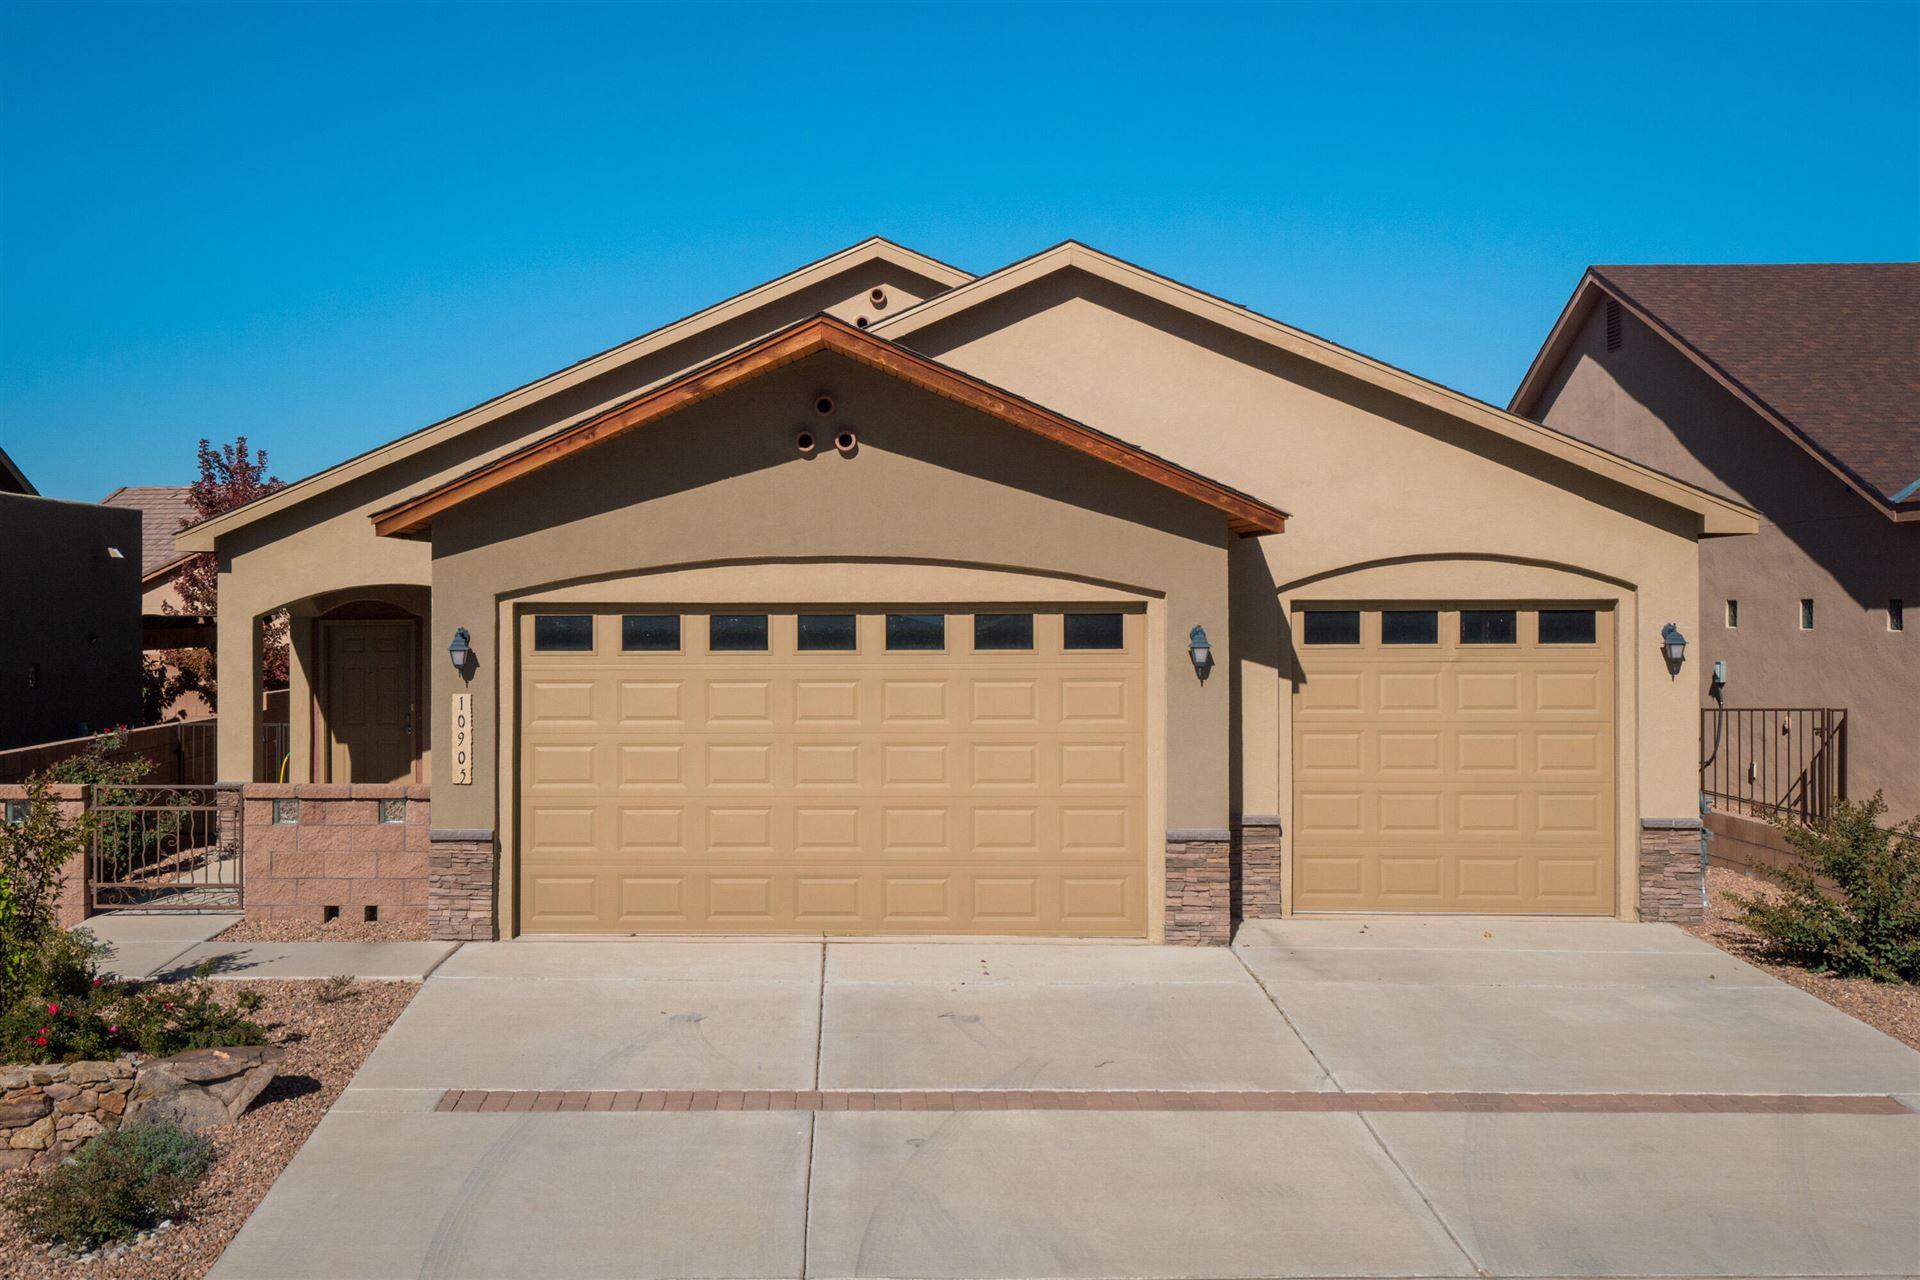 10905 CALANDRIAS Street NW, Albuquerque, NM 87114 - #: 1002944